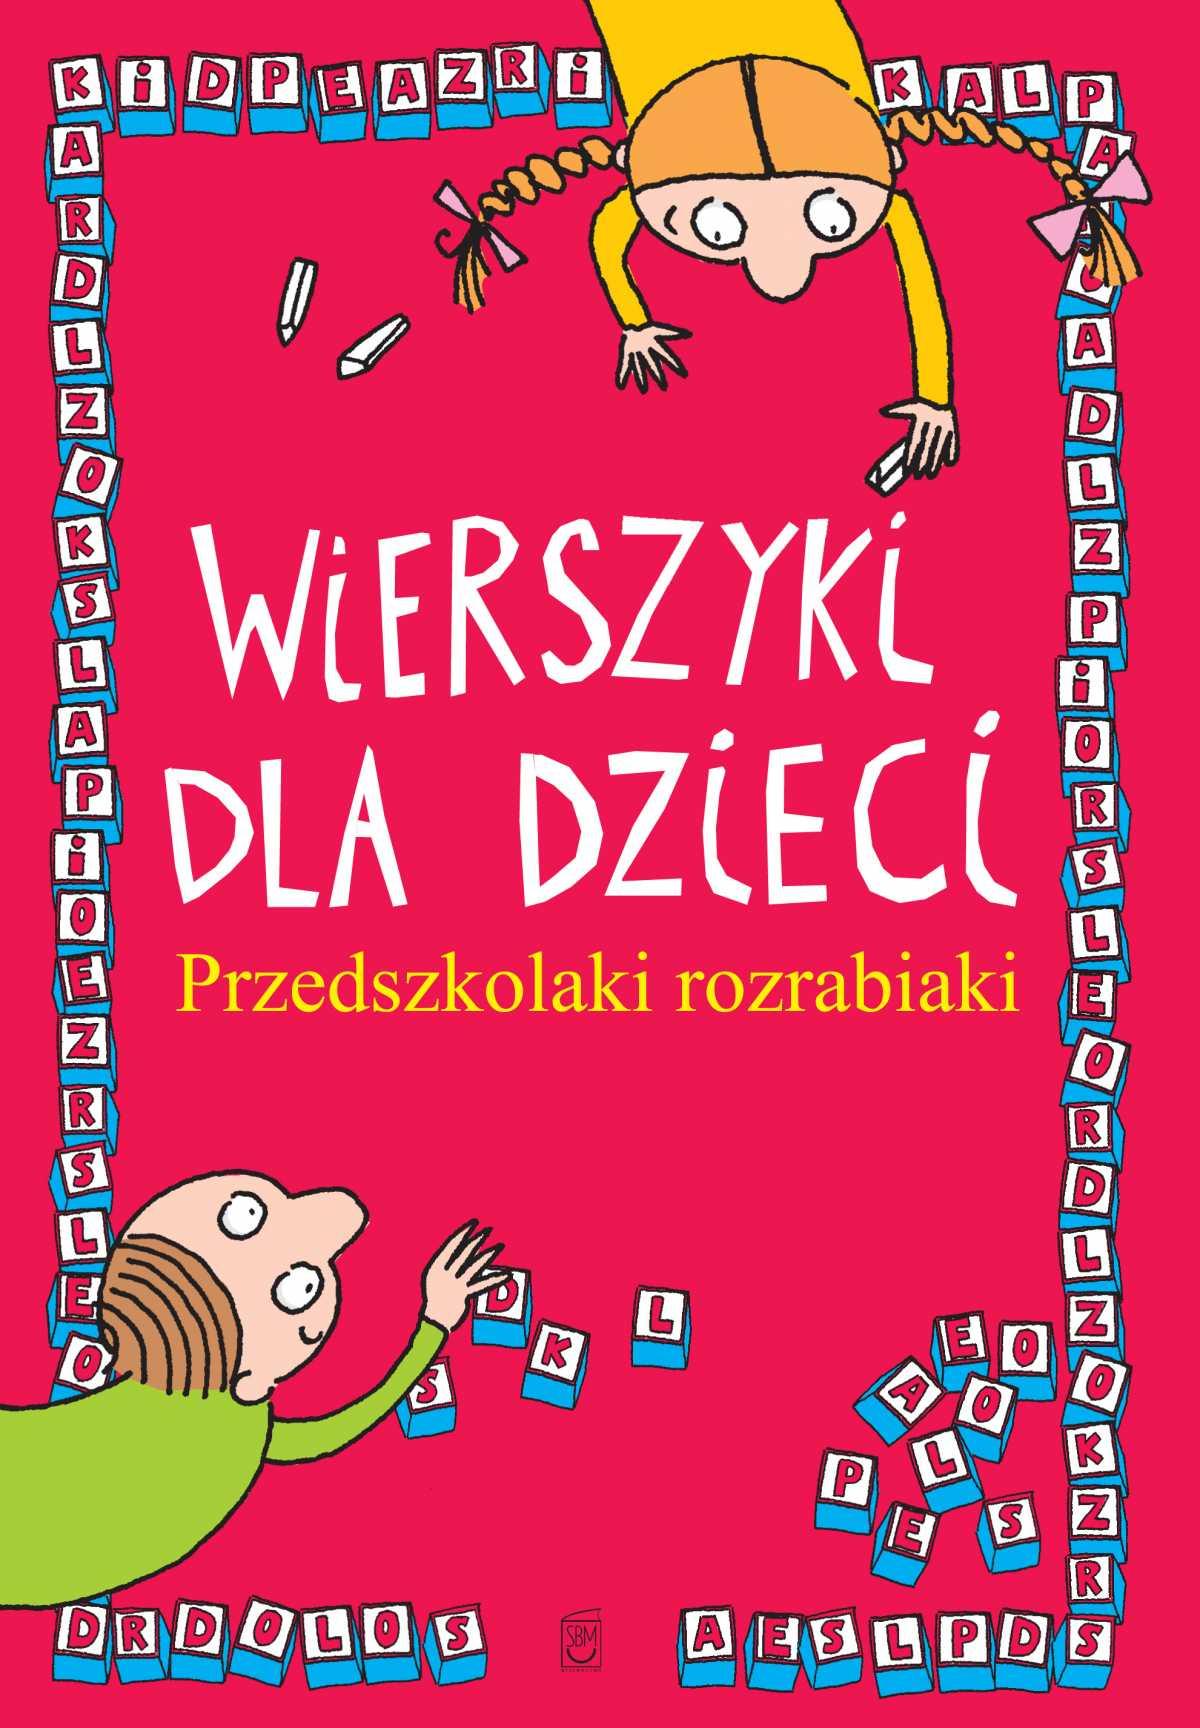 Wierszyki dla dzieci. Przedszkolaki rozrabiaki - Ebook (Książka PDF) do pobrania w formacie PDF